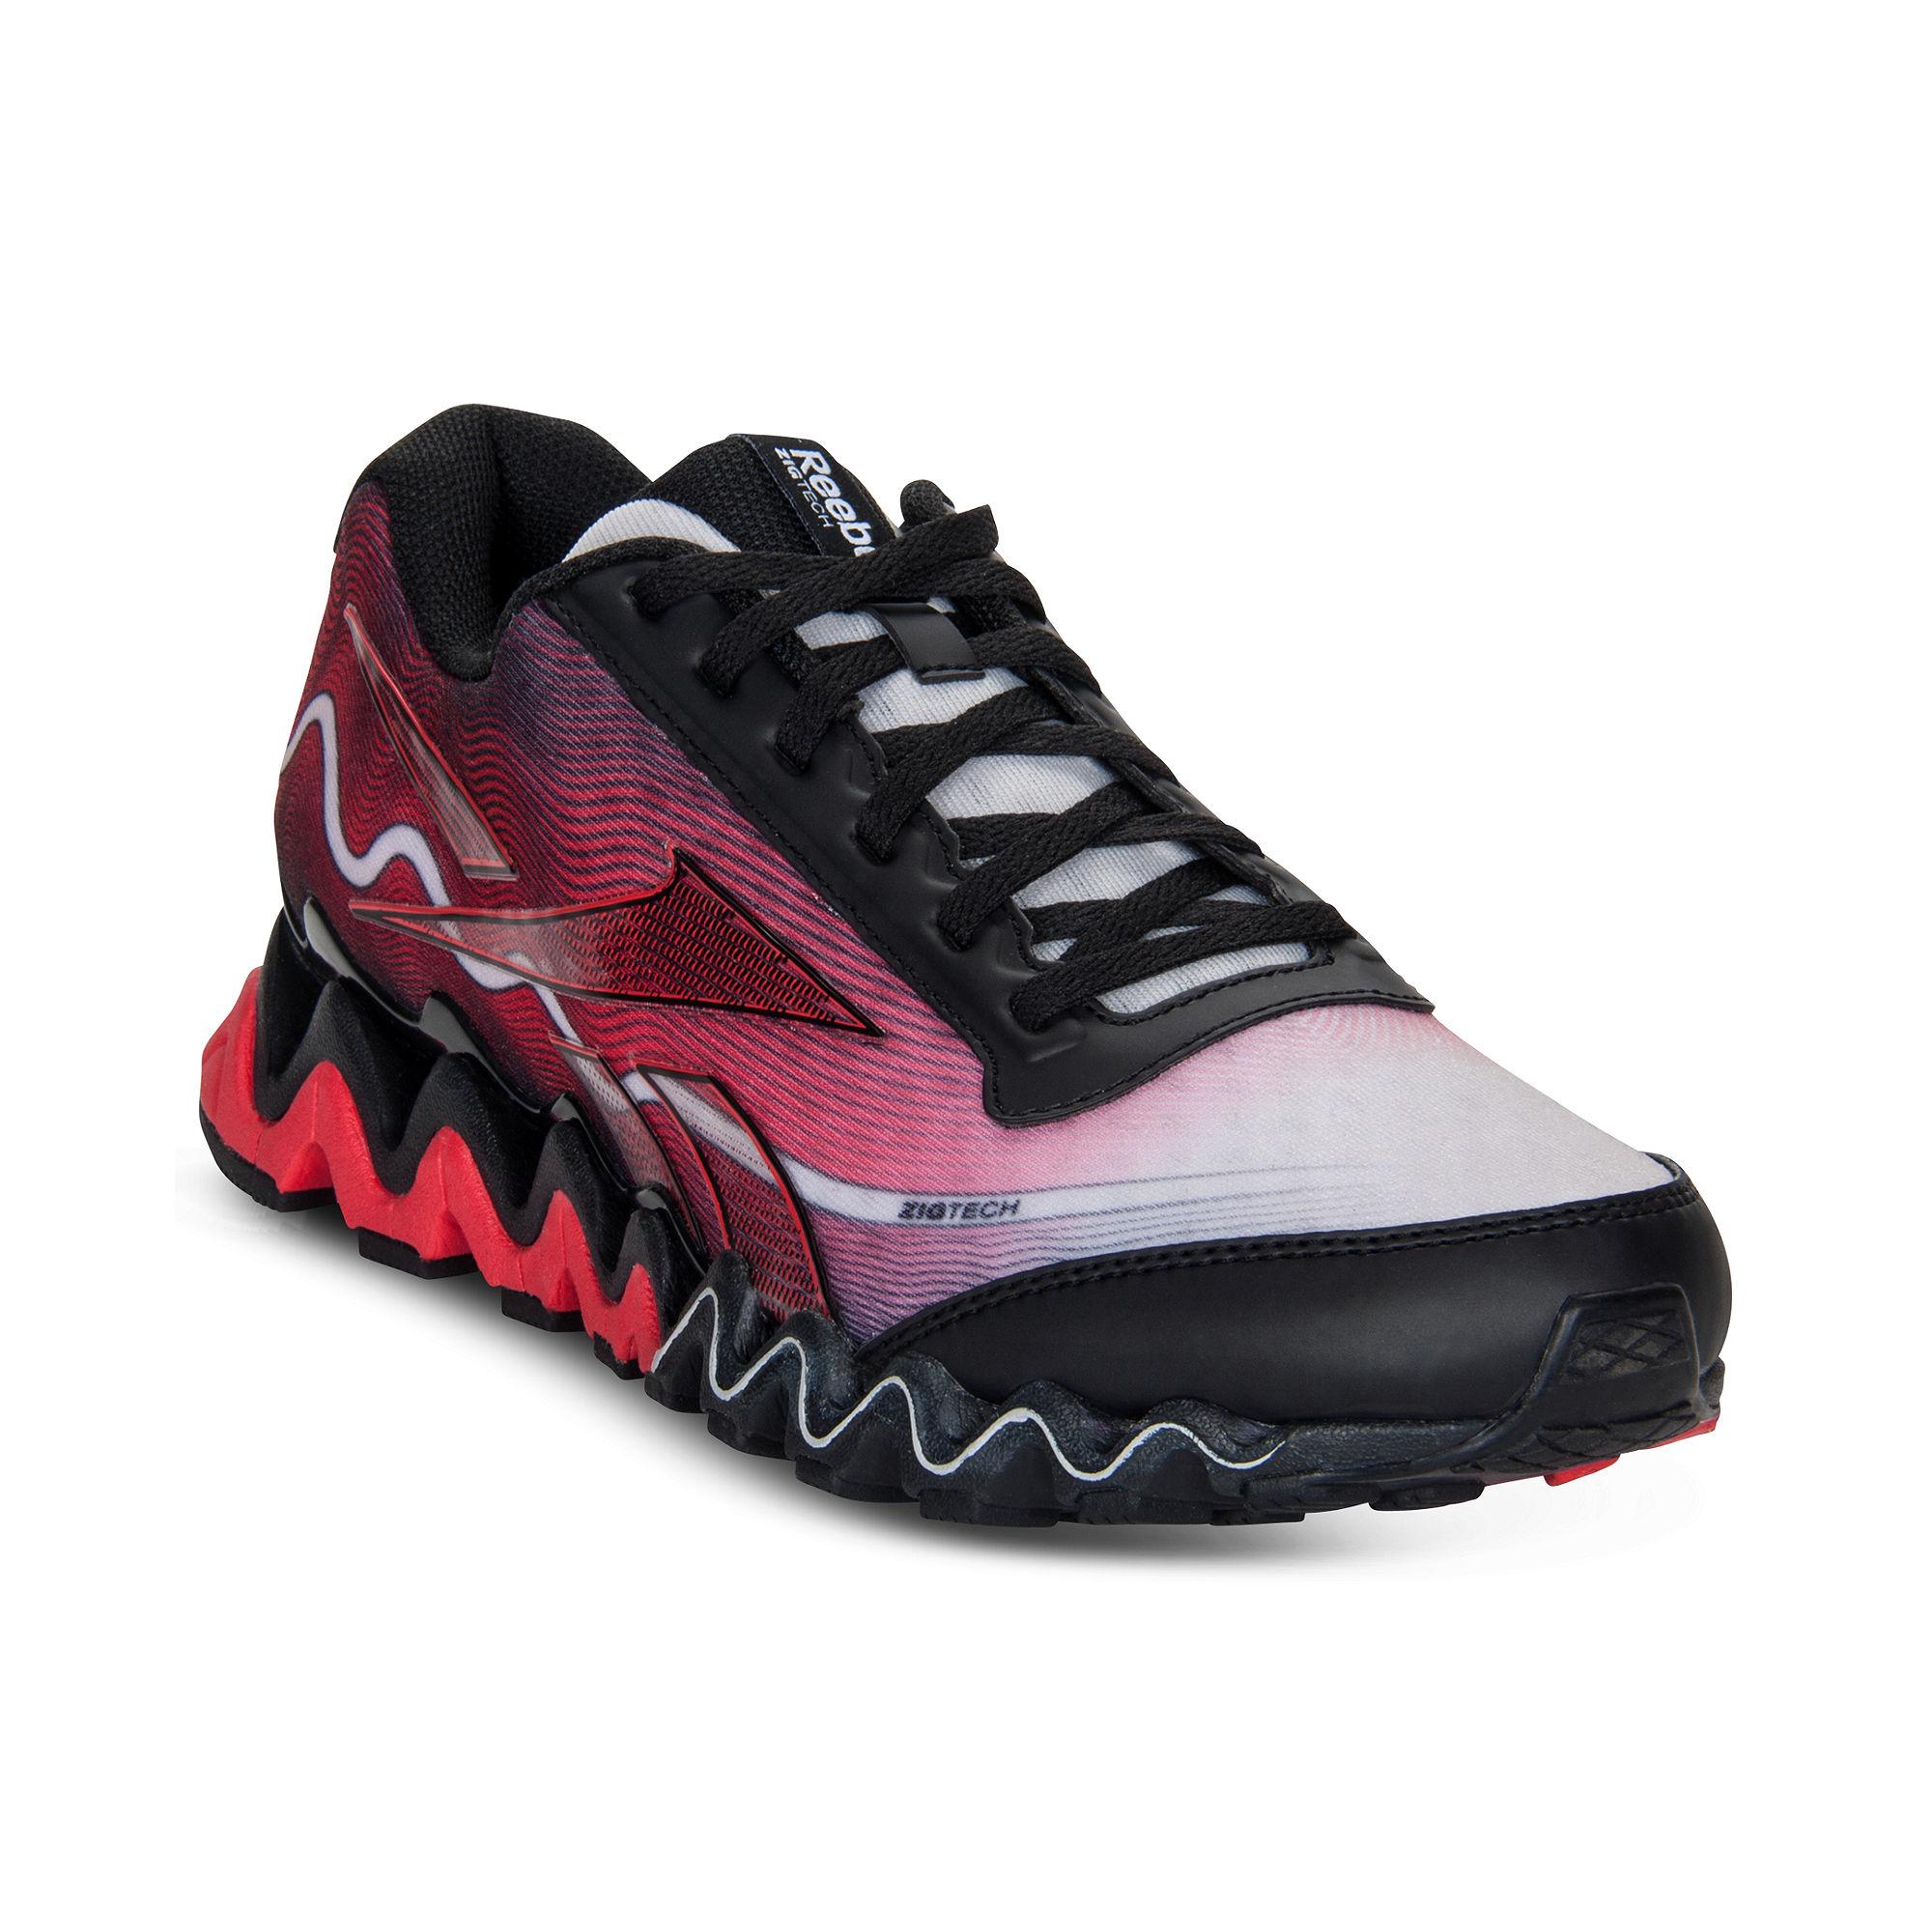 57e701c0058 Lyst - Reebok Zig Ultra Sneakers in Red for Men